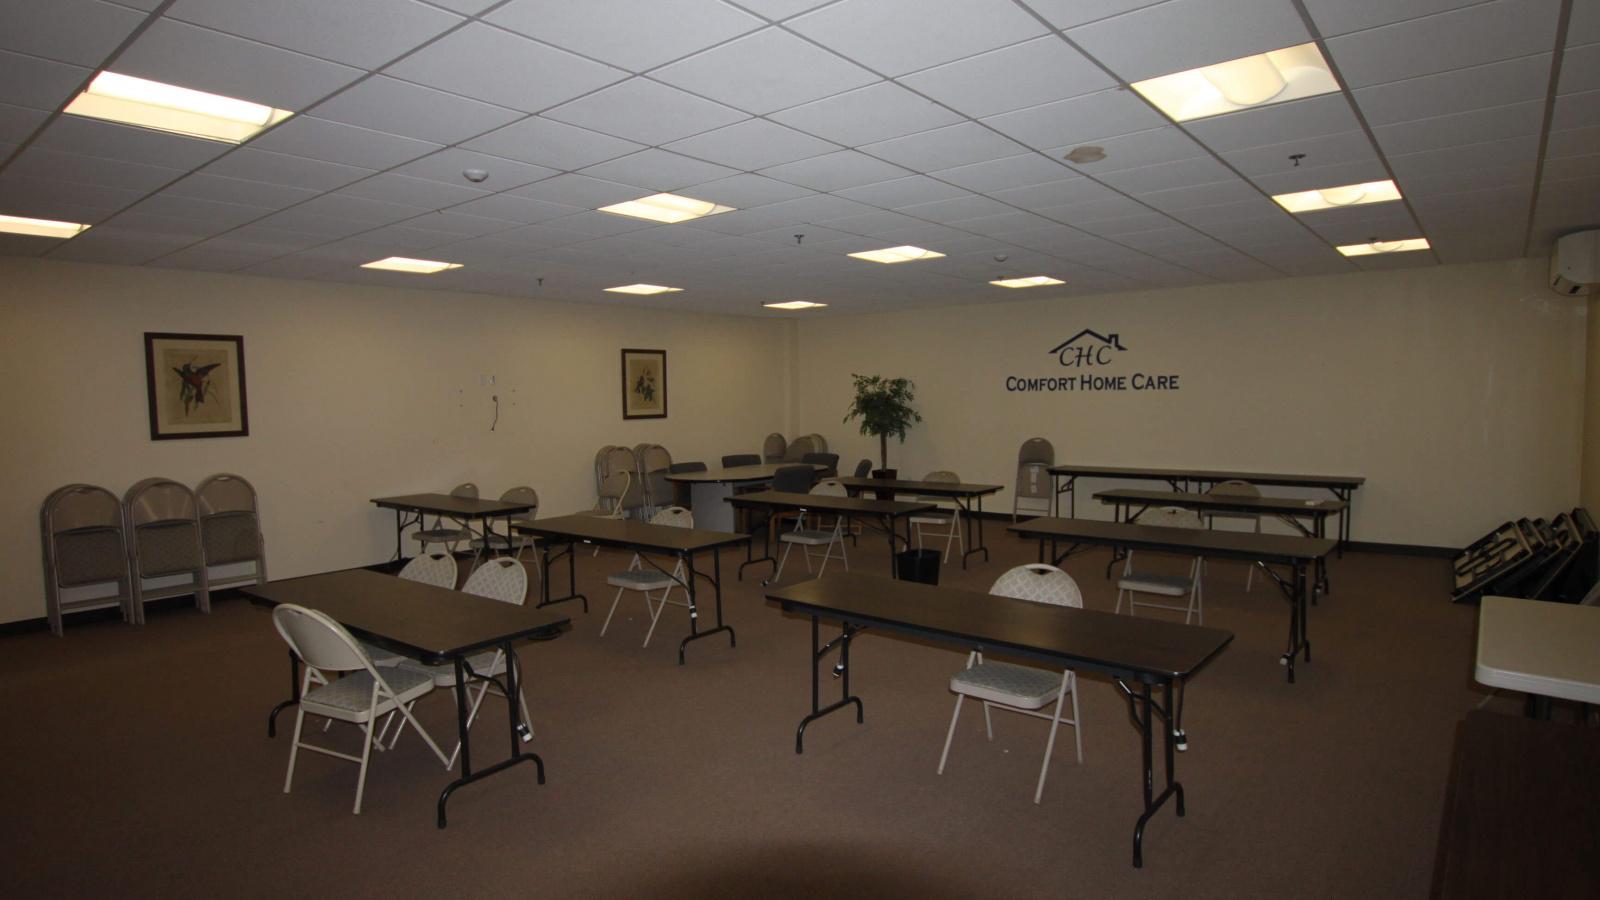 997 Millbury Street 4&5, Worcester, Massachusetts 01607, Office,For Sale,Millbury Street,1331